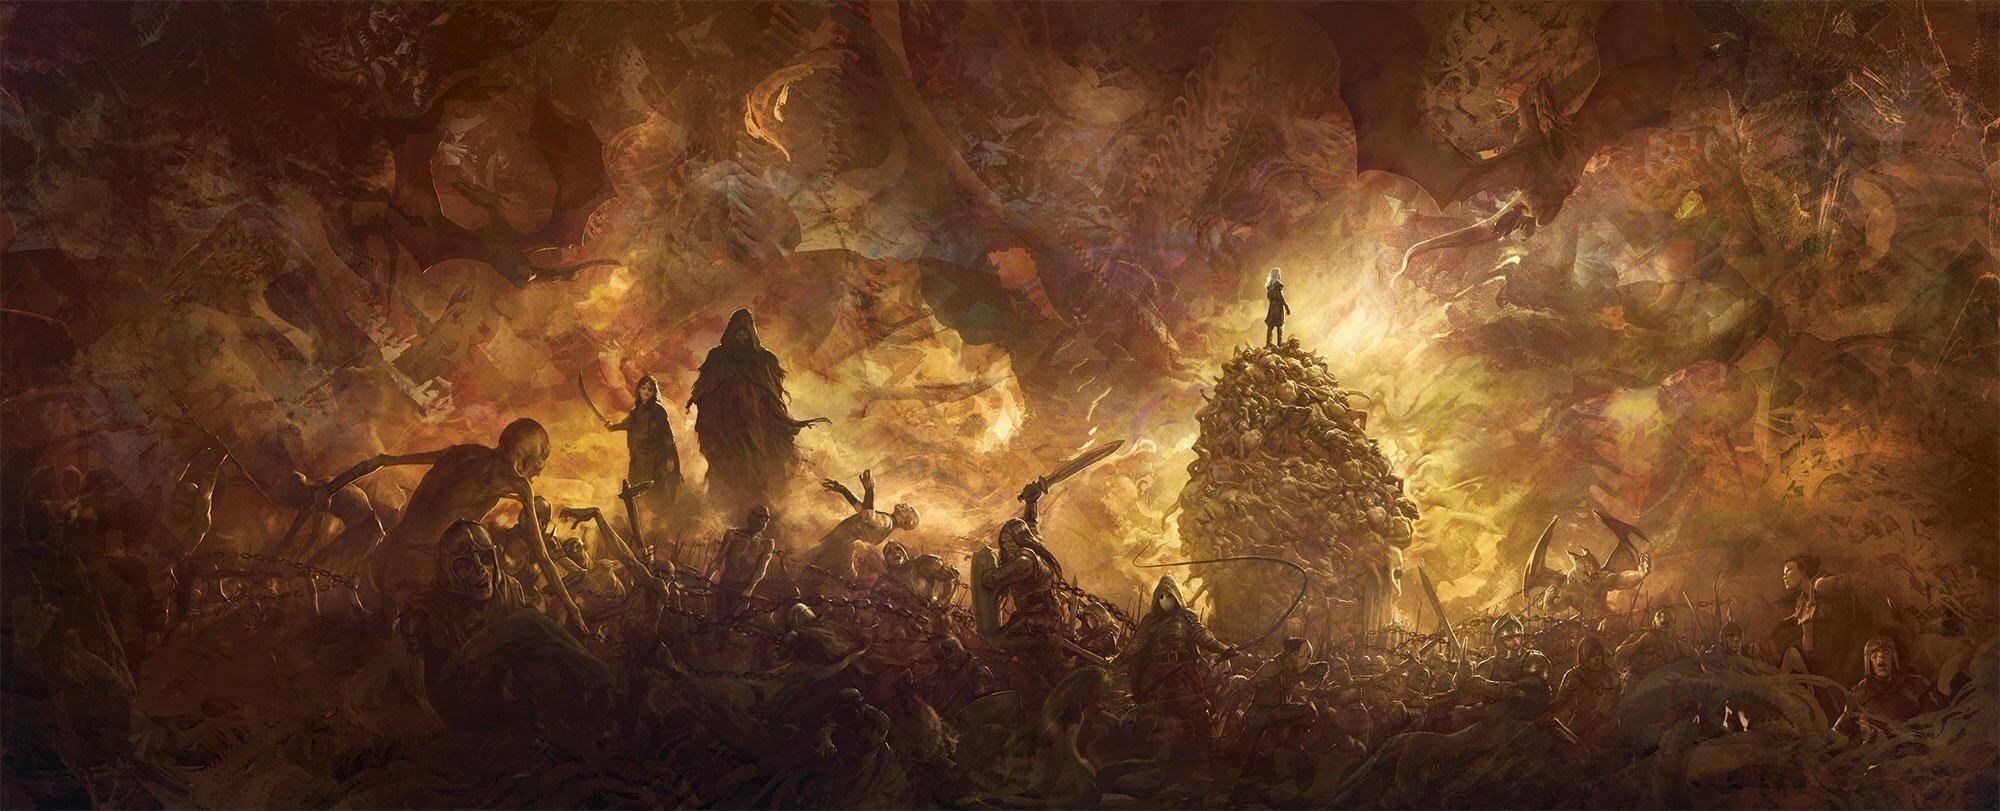 Малазан: один из лучших миров тёмного фэнтези 1